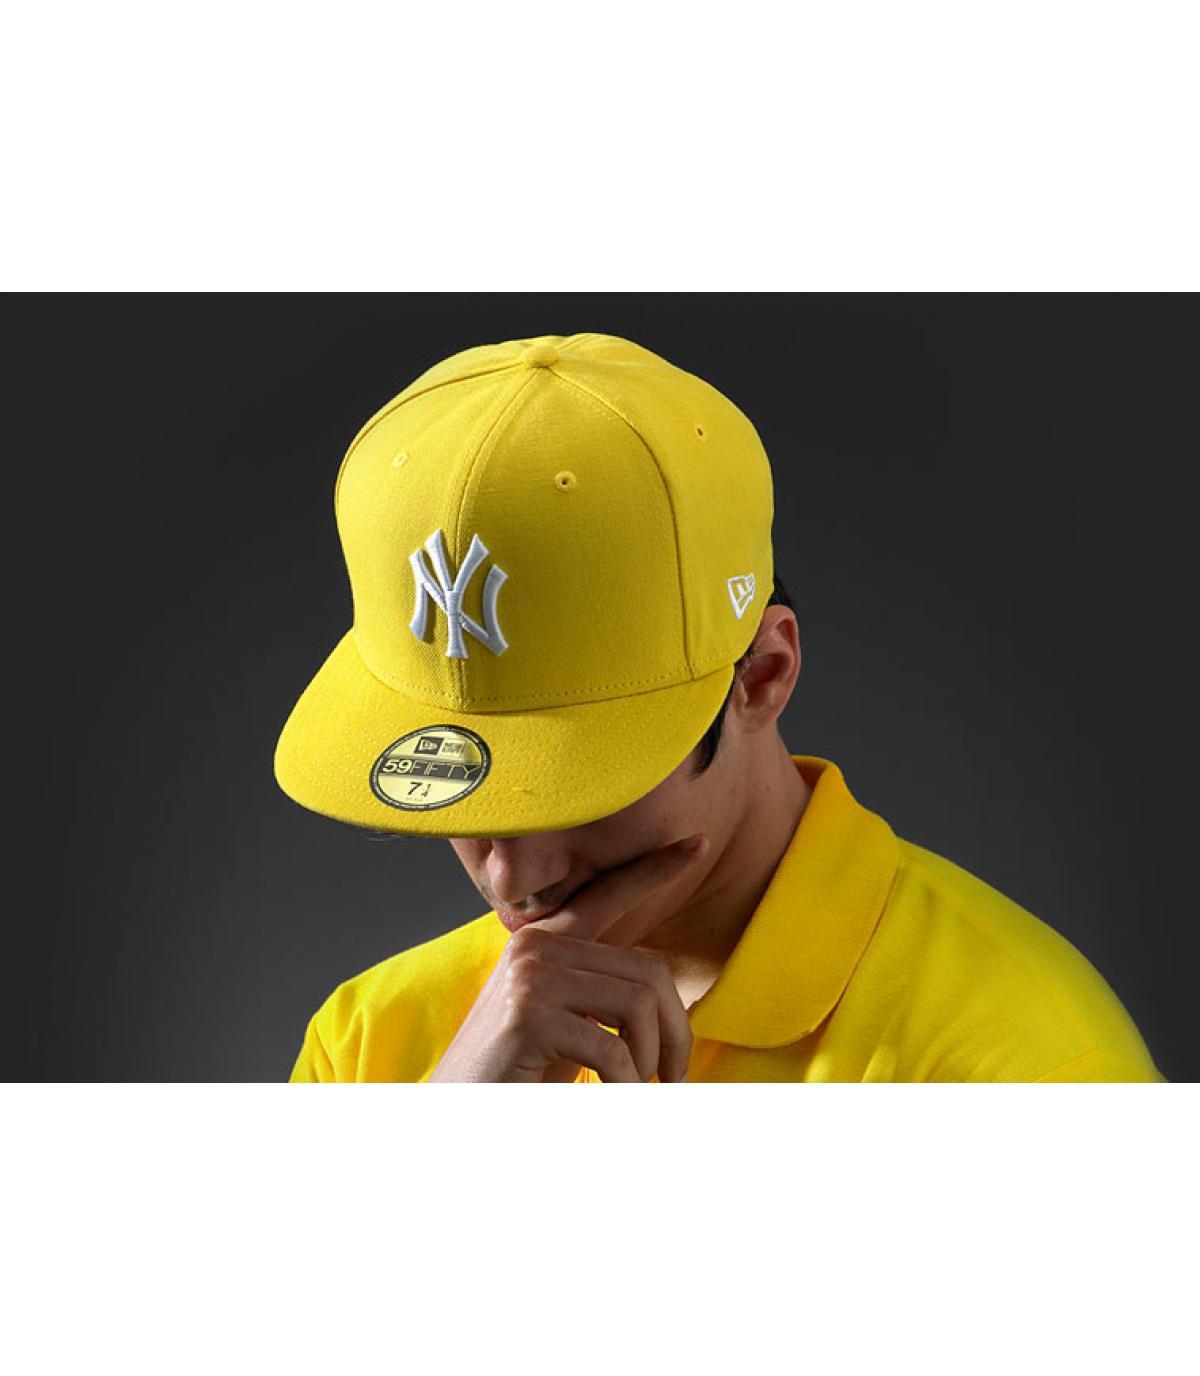 MLB Basic New York yellow